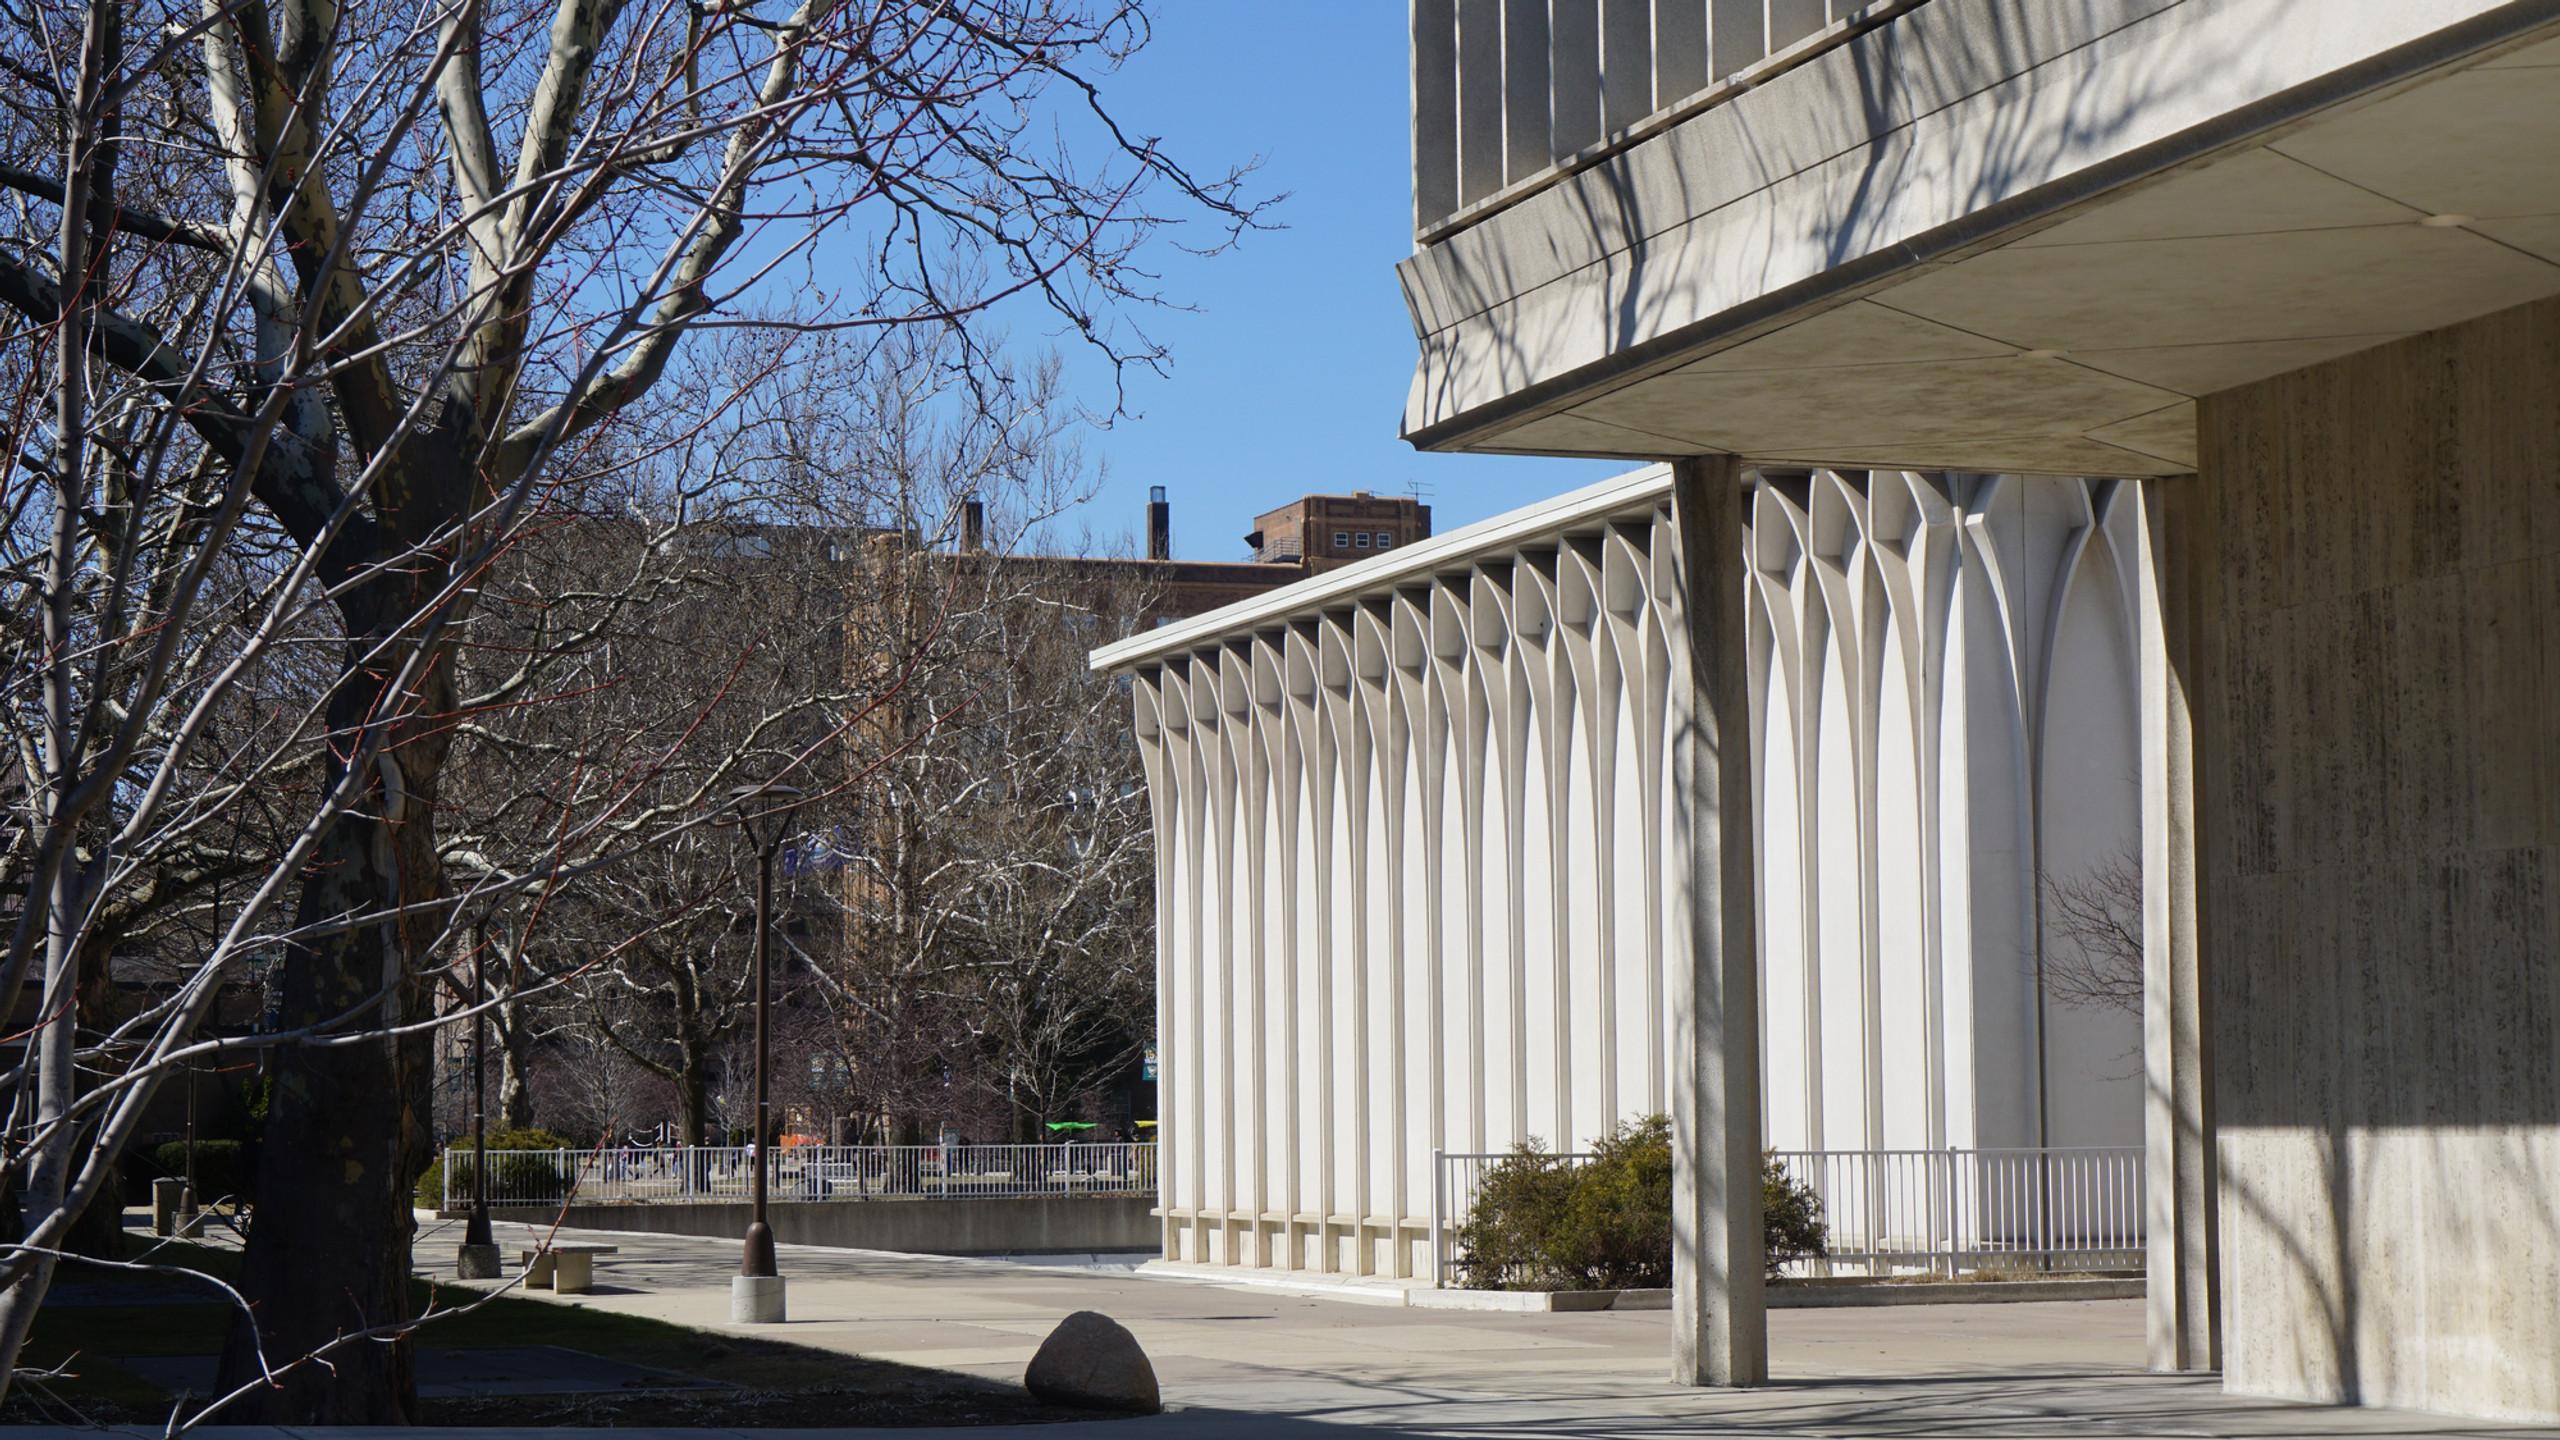 Helen L. DeRoy Auditorium